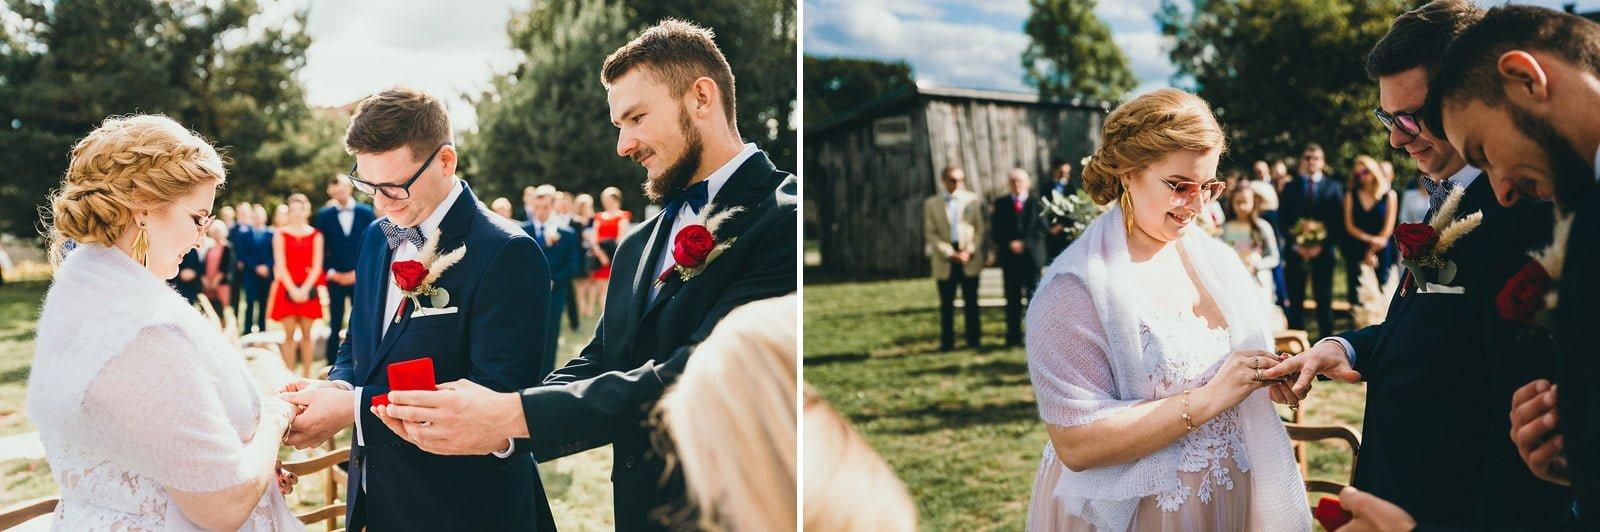 Karolina i Mateusz - plenerowy ślub - Biały Borek 52